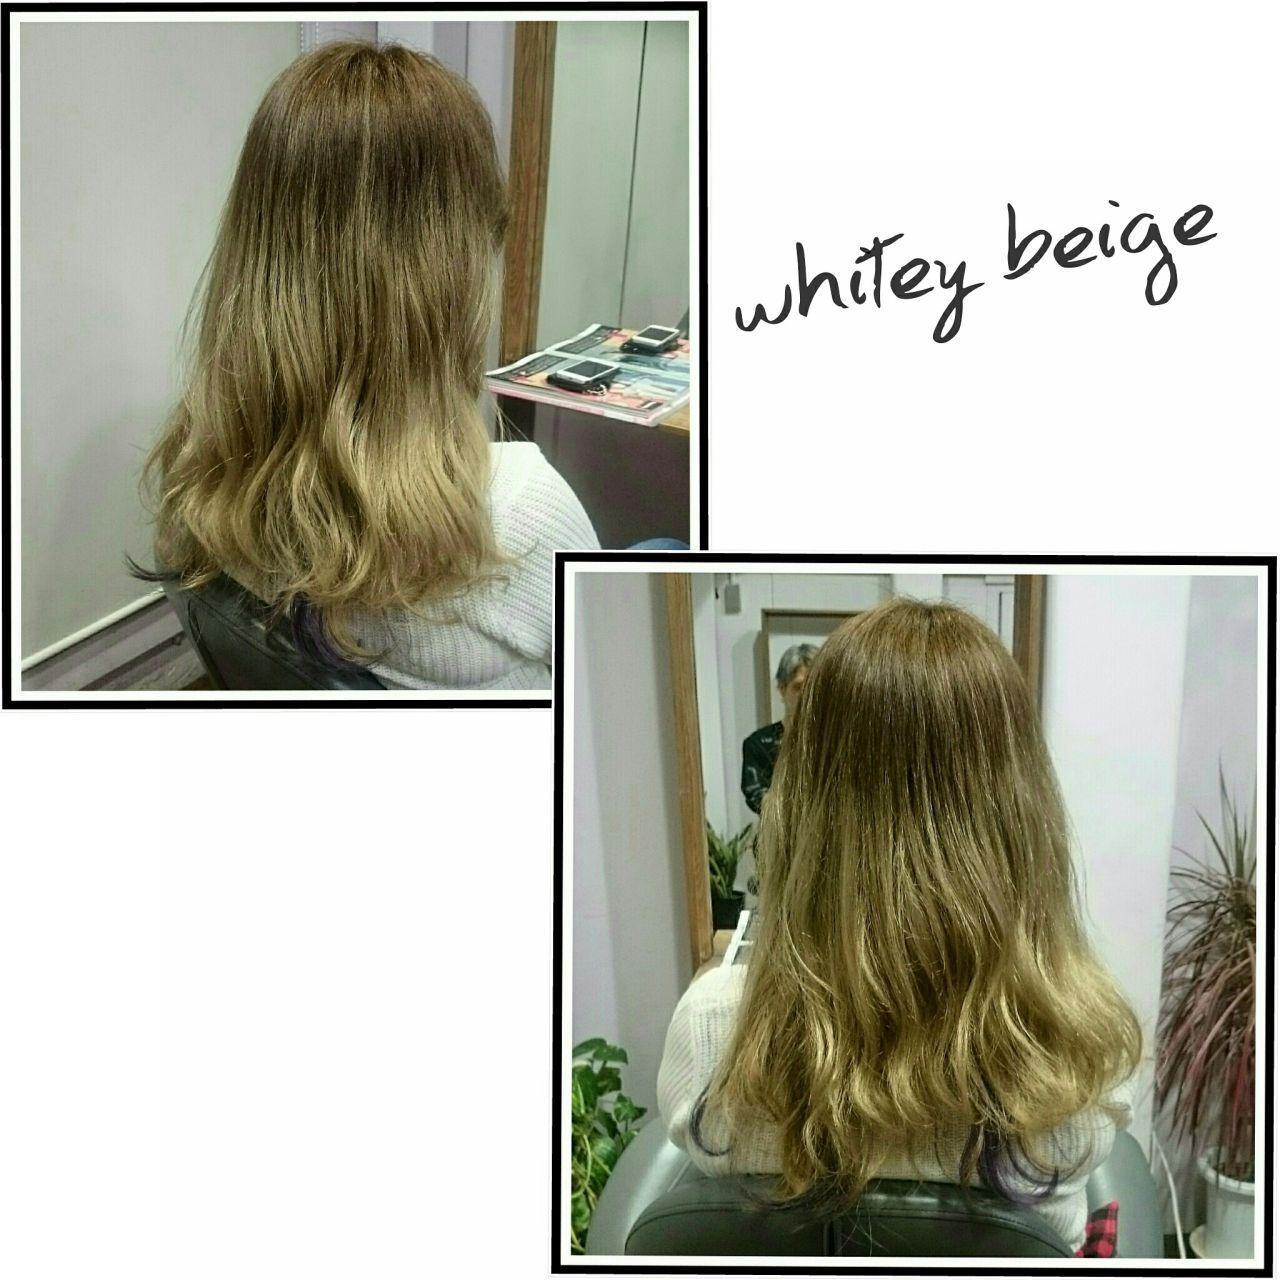 グラデーションカラー ストリート パンク ロングヘアスタイルや髪型の写真・画像